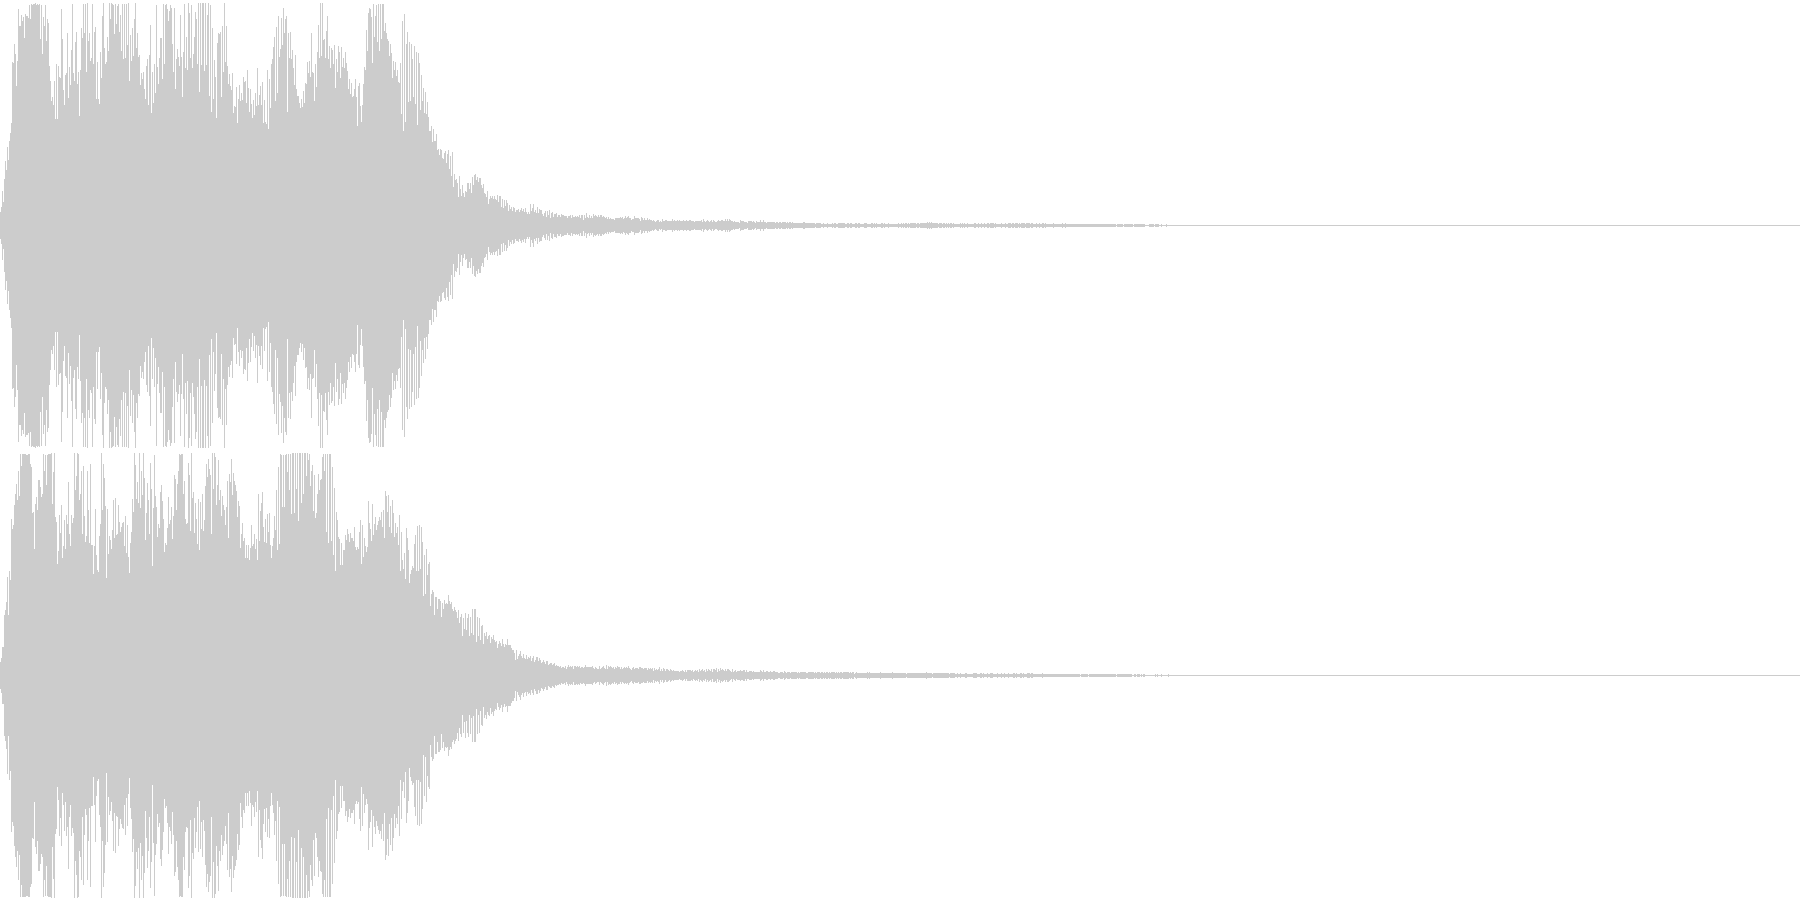 ラッパ ファンファーレ 定番 10の未再生の波形